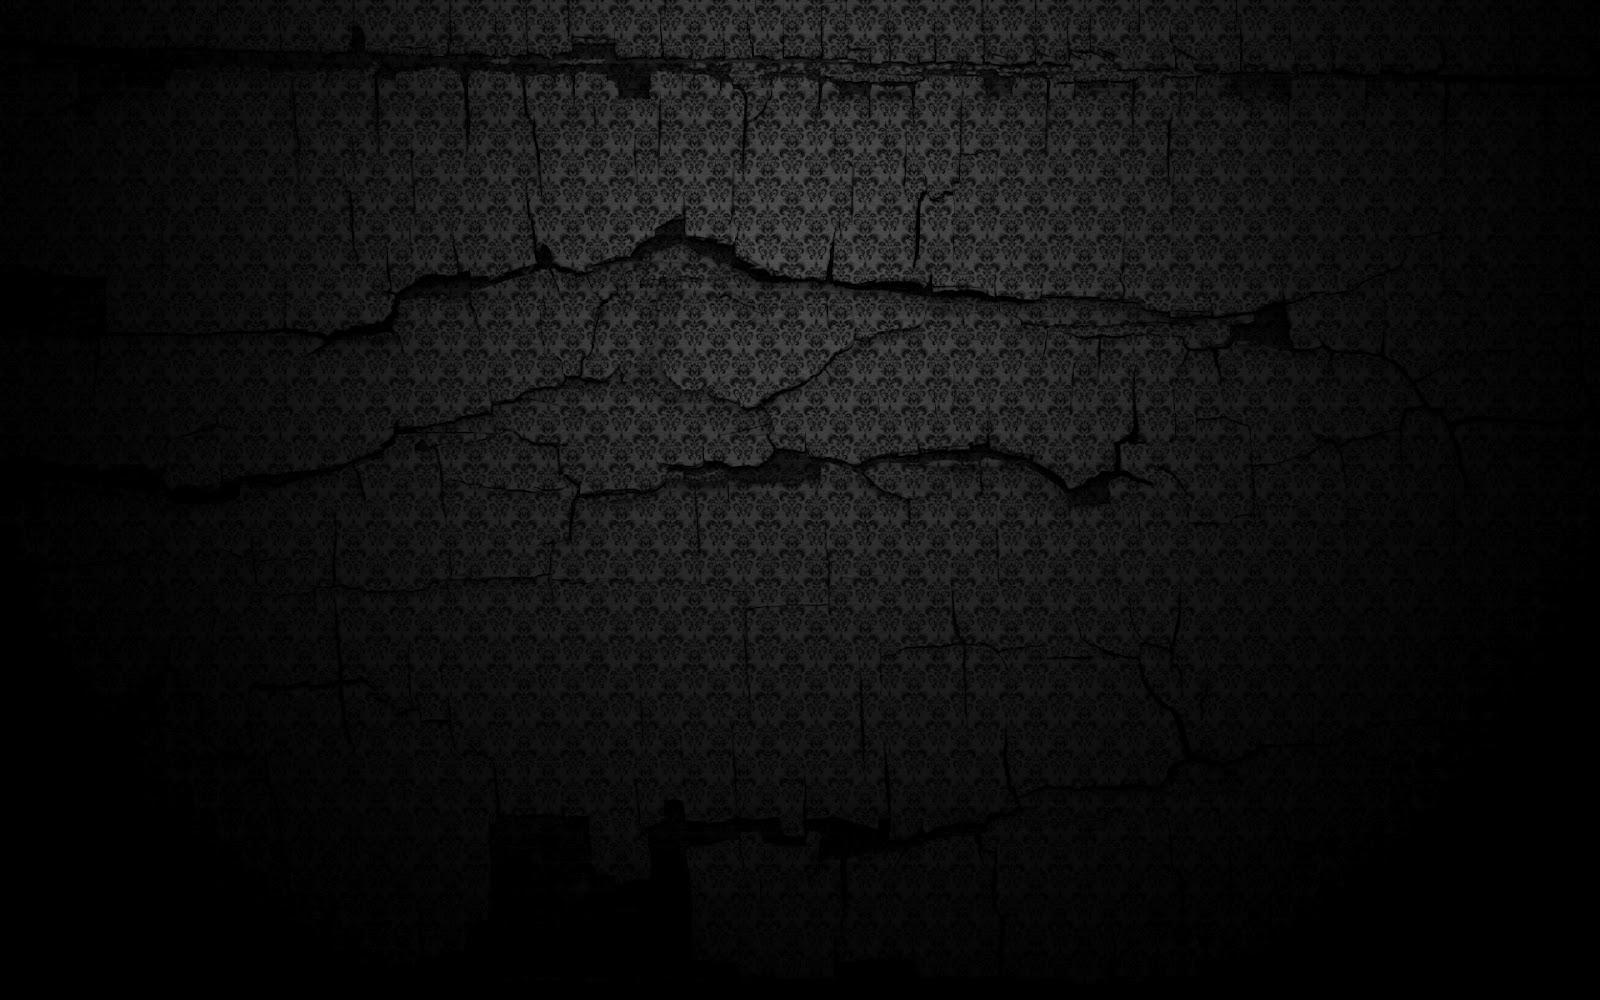 Hd Dark Wallpaper - WallpaperSafari